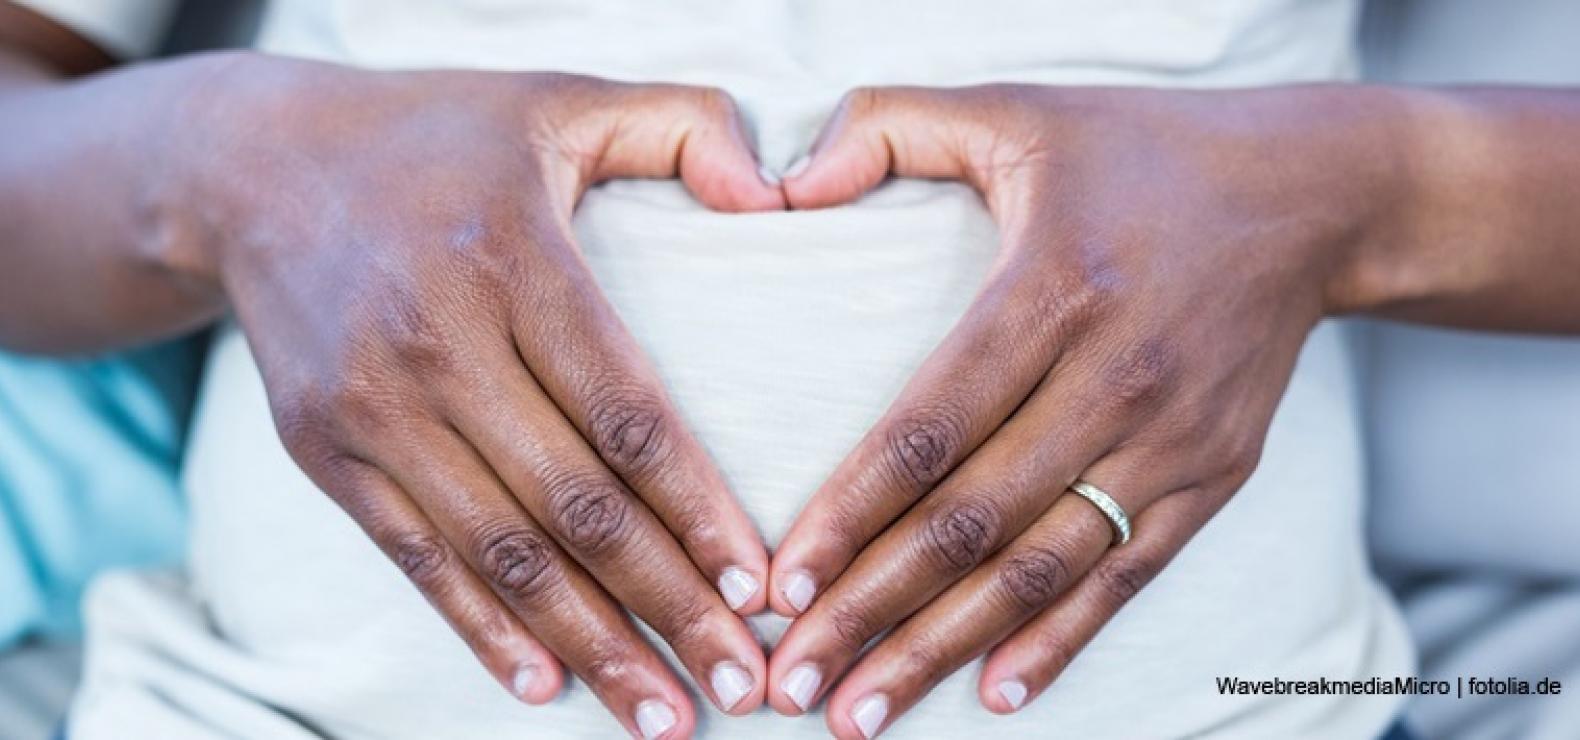 Schwangere Frau formt vor ihrem Bauch ein Herz mit ihren Händen.